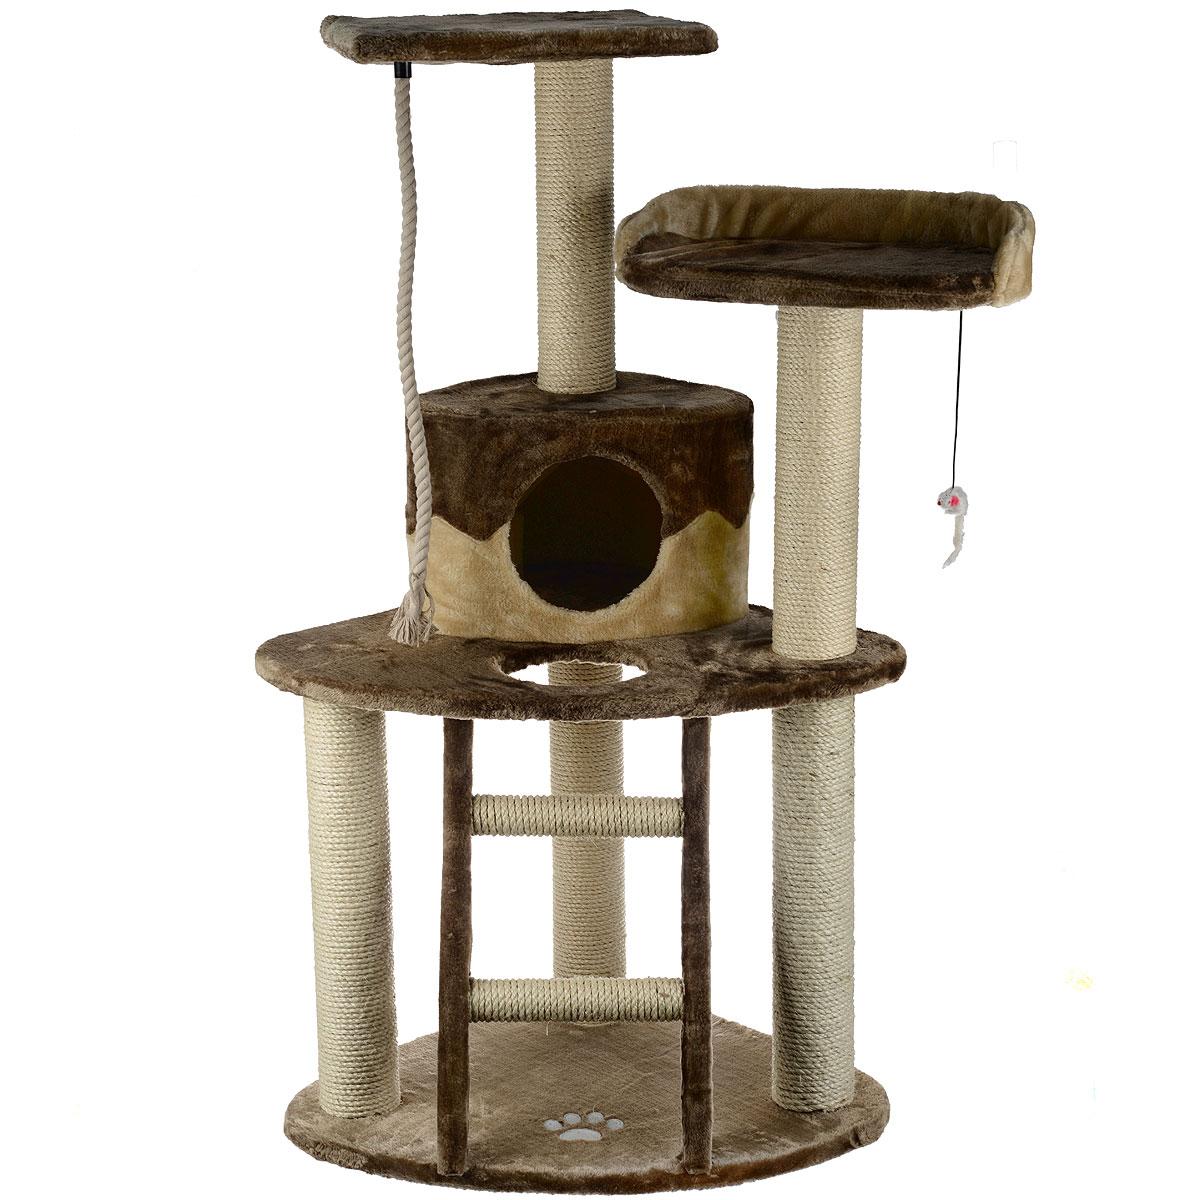 Комплекс для кошек I.P.T.S. Smarty, 55 см х 55 см х 120 см0120710Угловой комплекс I.P.T.S. Smarty предназначен для досуга вашей кошки и состоит из домика, 3-х полок, когтеточки, лестницы и каната. Целый дом в распоряжении кошки. Три уровня высоты, когтеточка, лестница в игровом комплексе позволяют кошки резвится и точить коготки. Комплекс обит плюшем. Когтеточка изготовлена из сизаля, натурального прочного материала.Размер комплекса: 55 см х 55 см х 120 см.